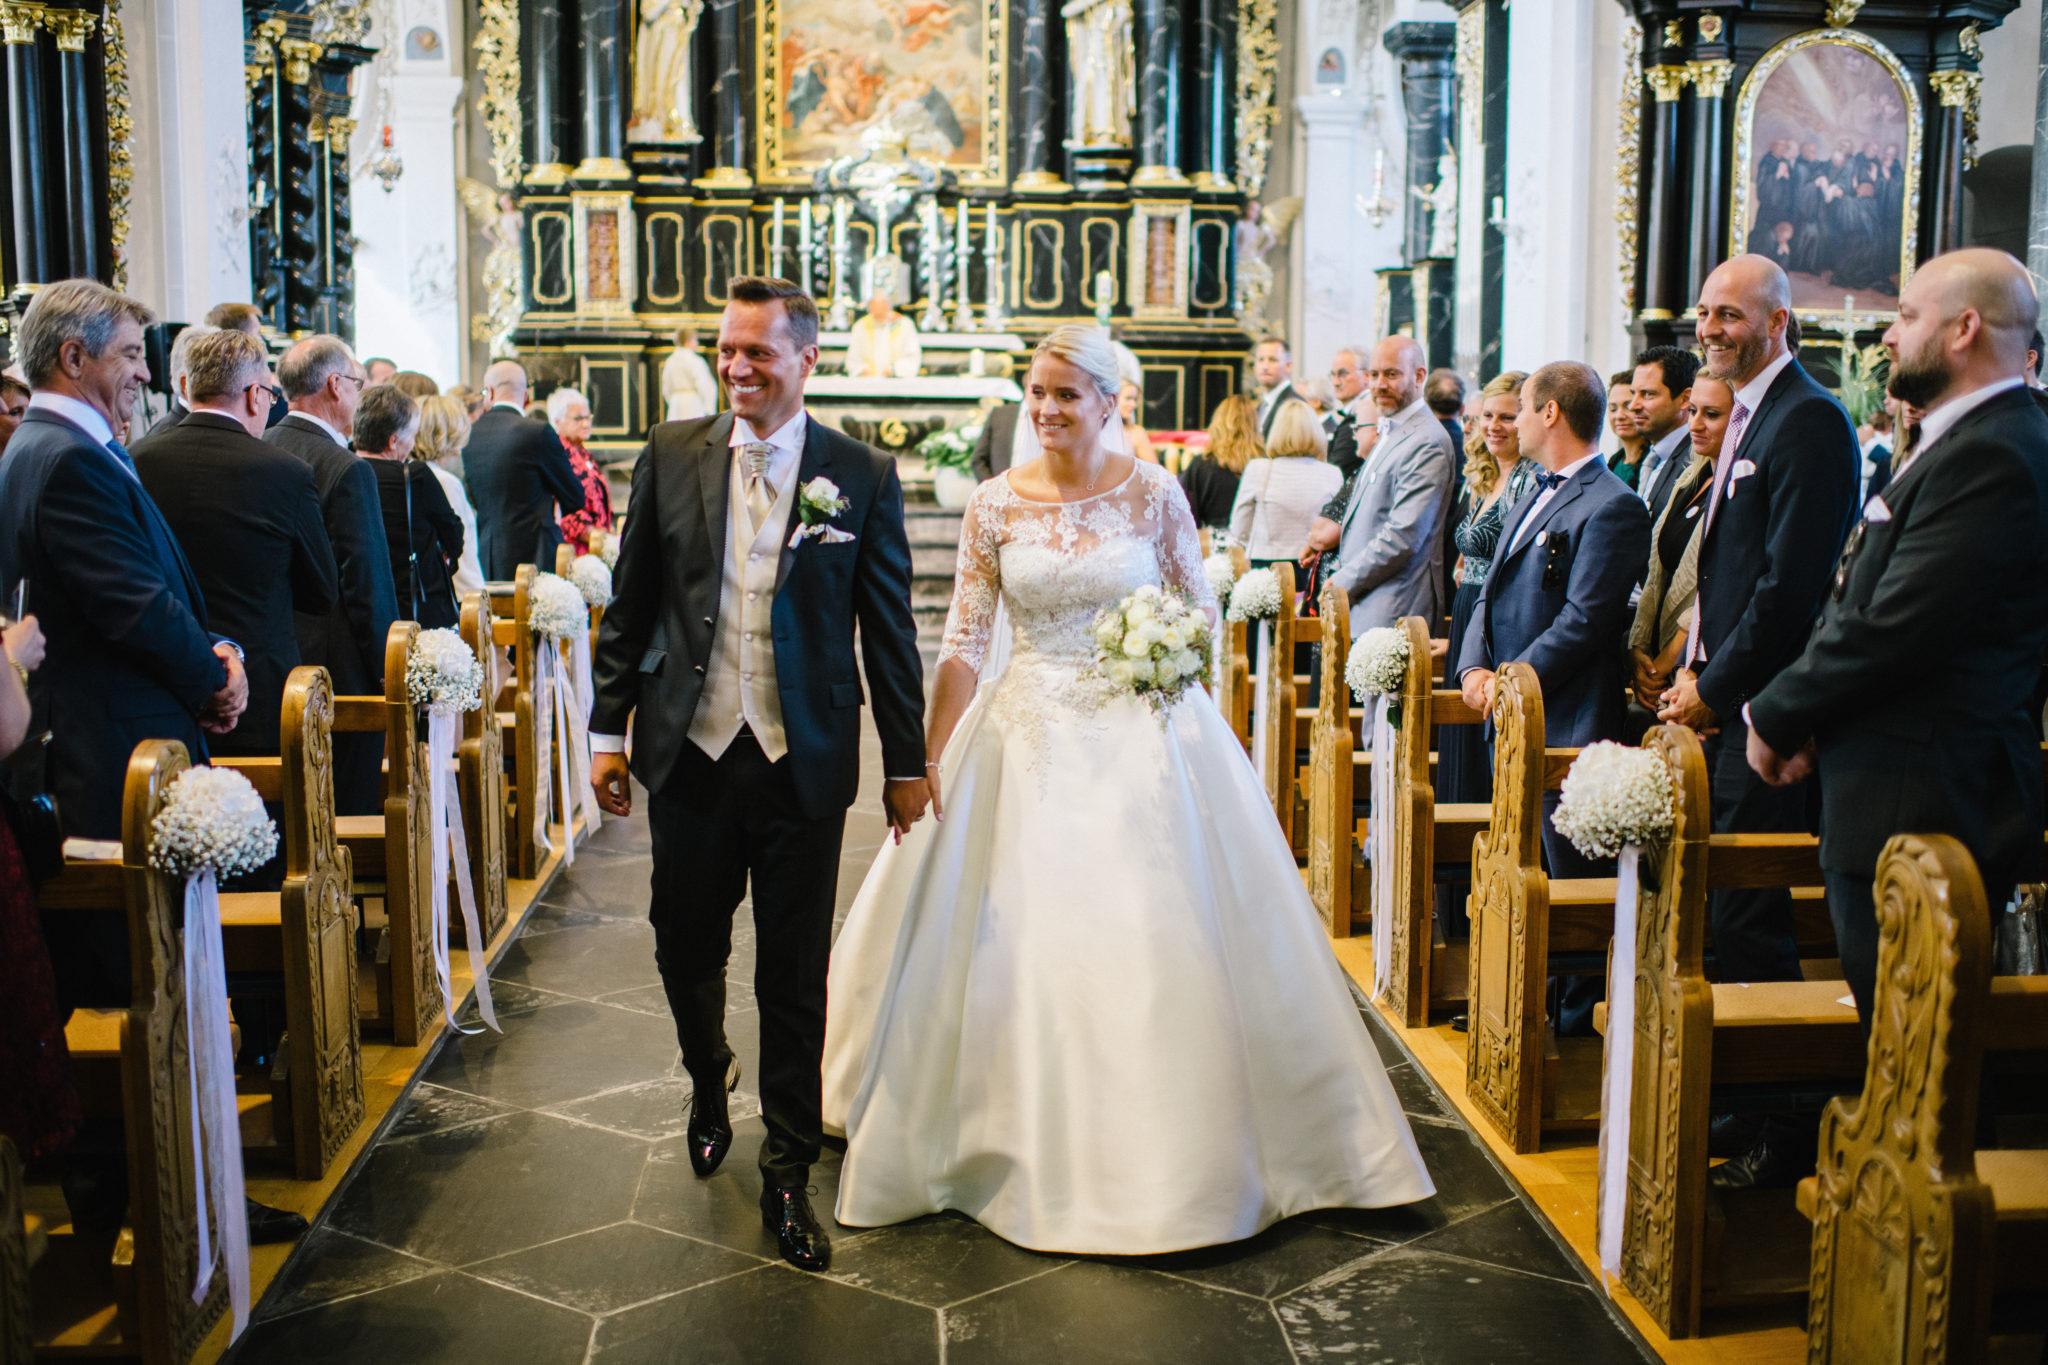 Fotograf Konstanz - Luxus Hochzeit Fotograf Grand Resort Bad Ragaz Schweiz Lichtenstein 235 - Destination wedding at the Grand Resort Bad Ragaz, Swiss  - 155 -